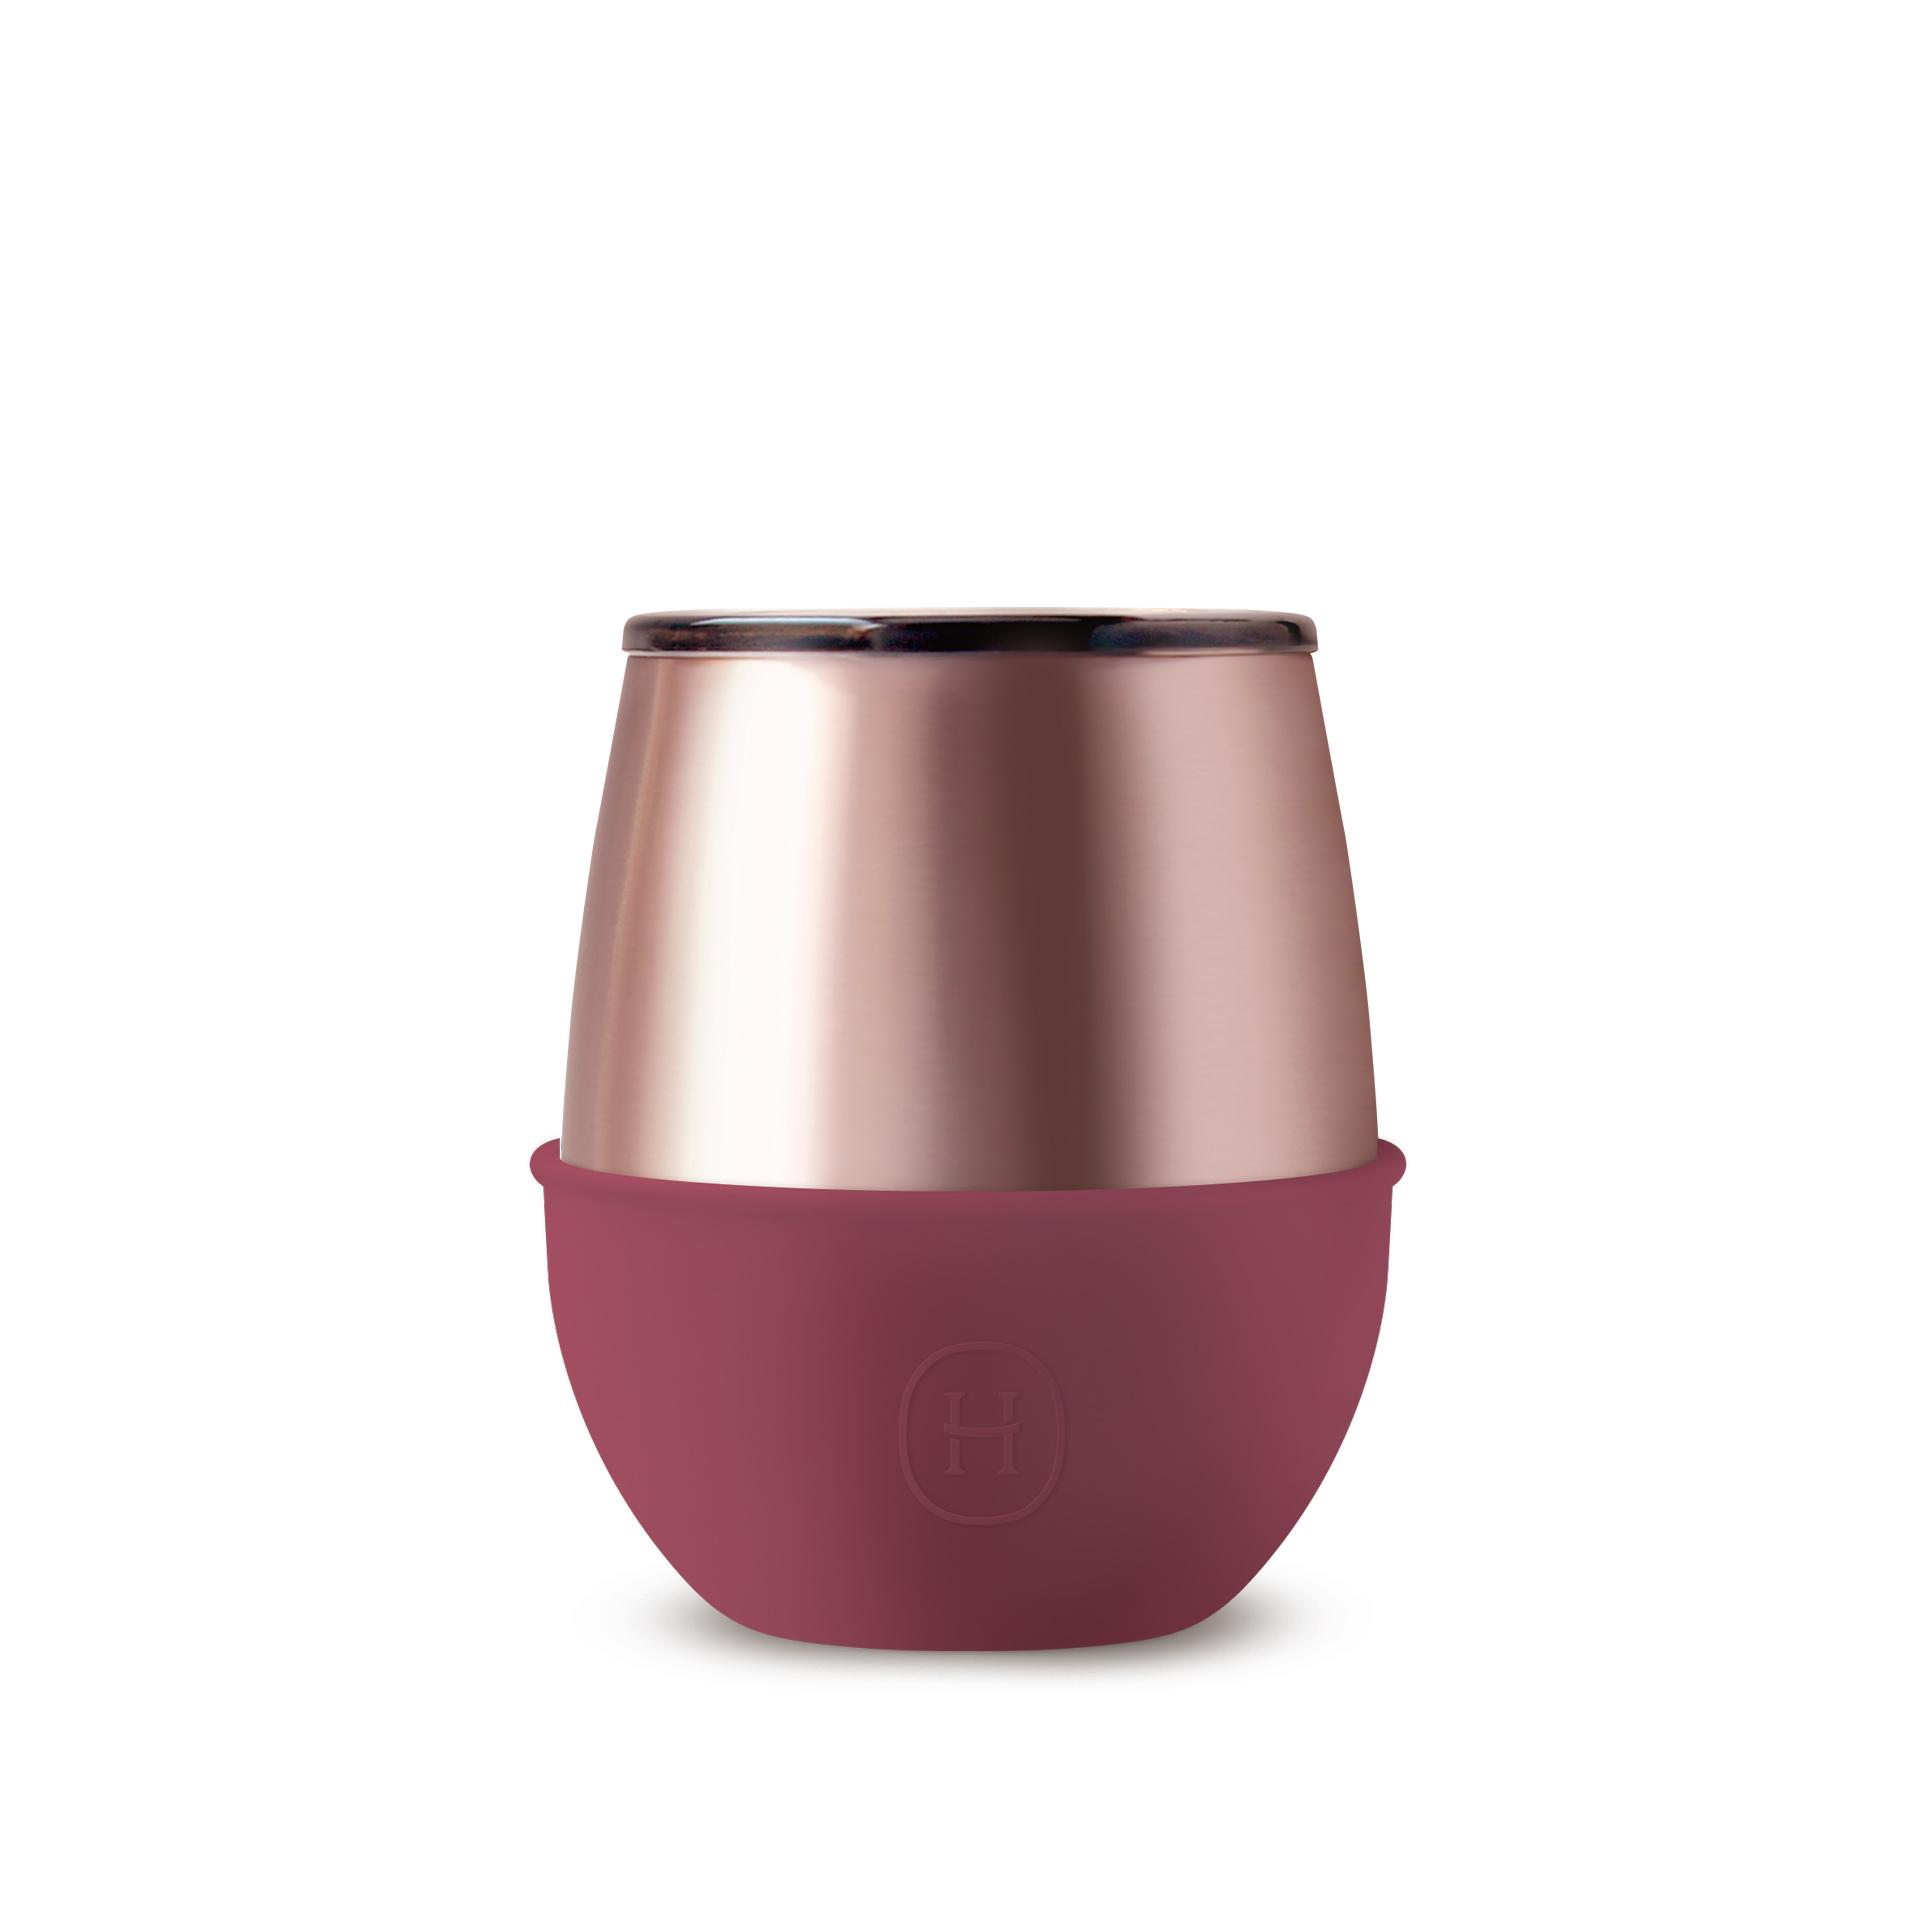 美國 HYDY Delicia 優雅雙層隨行保溫杯 蛋型杯 蜜粉金杯 (桑格莉亞)